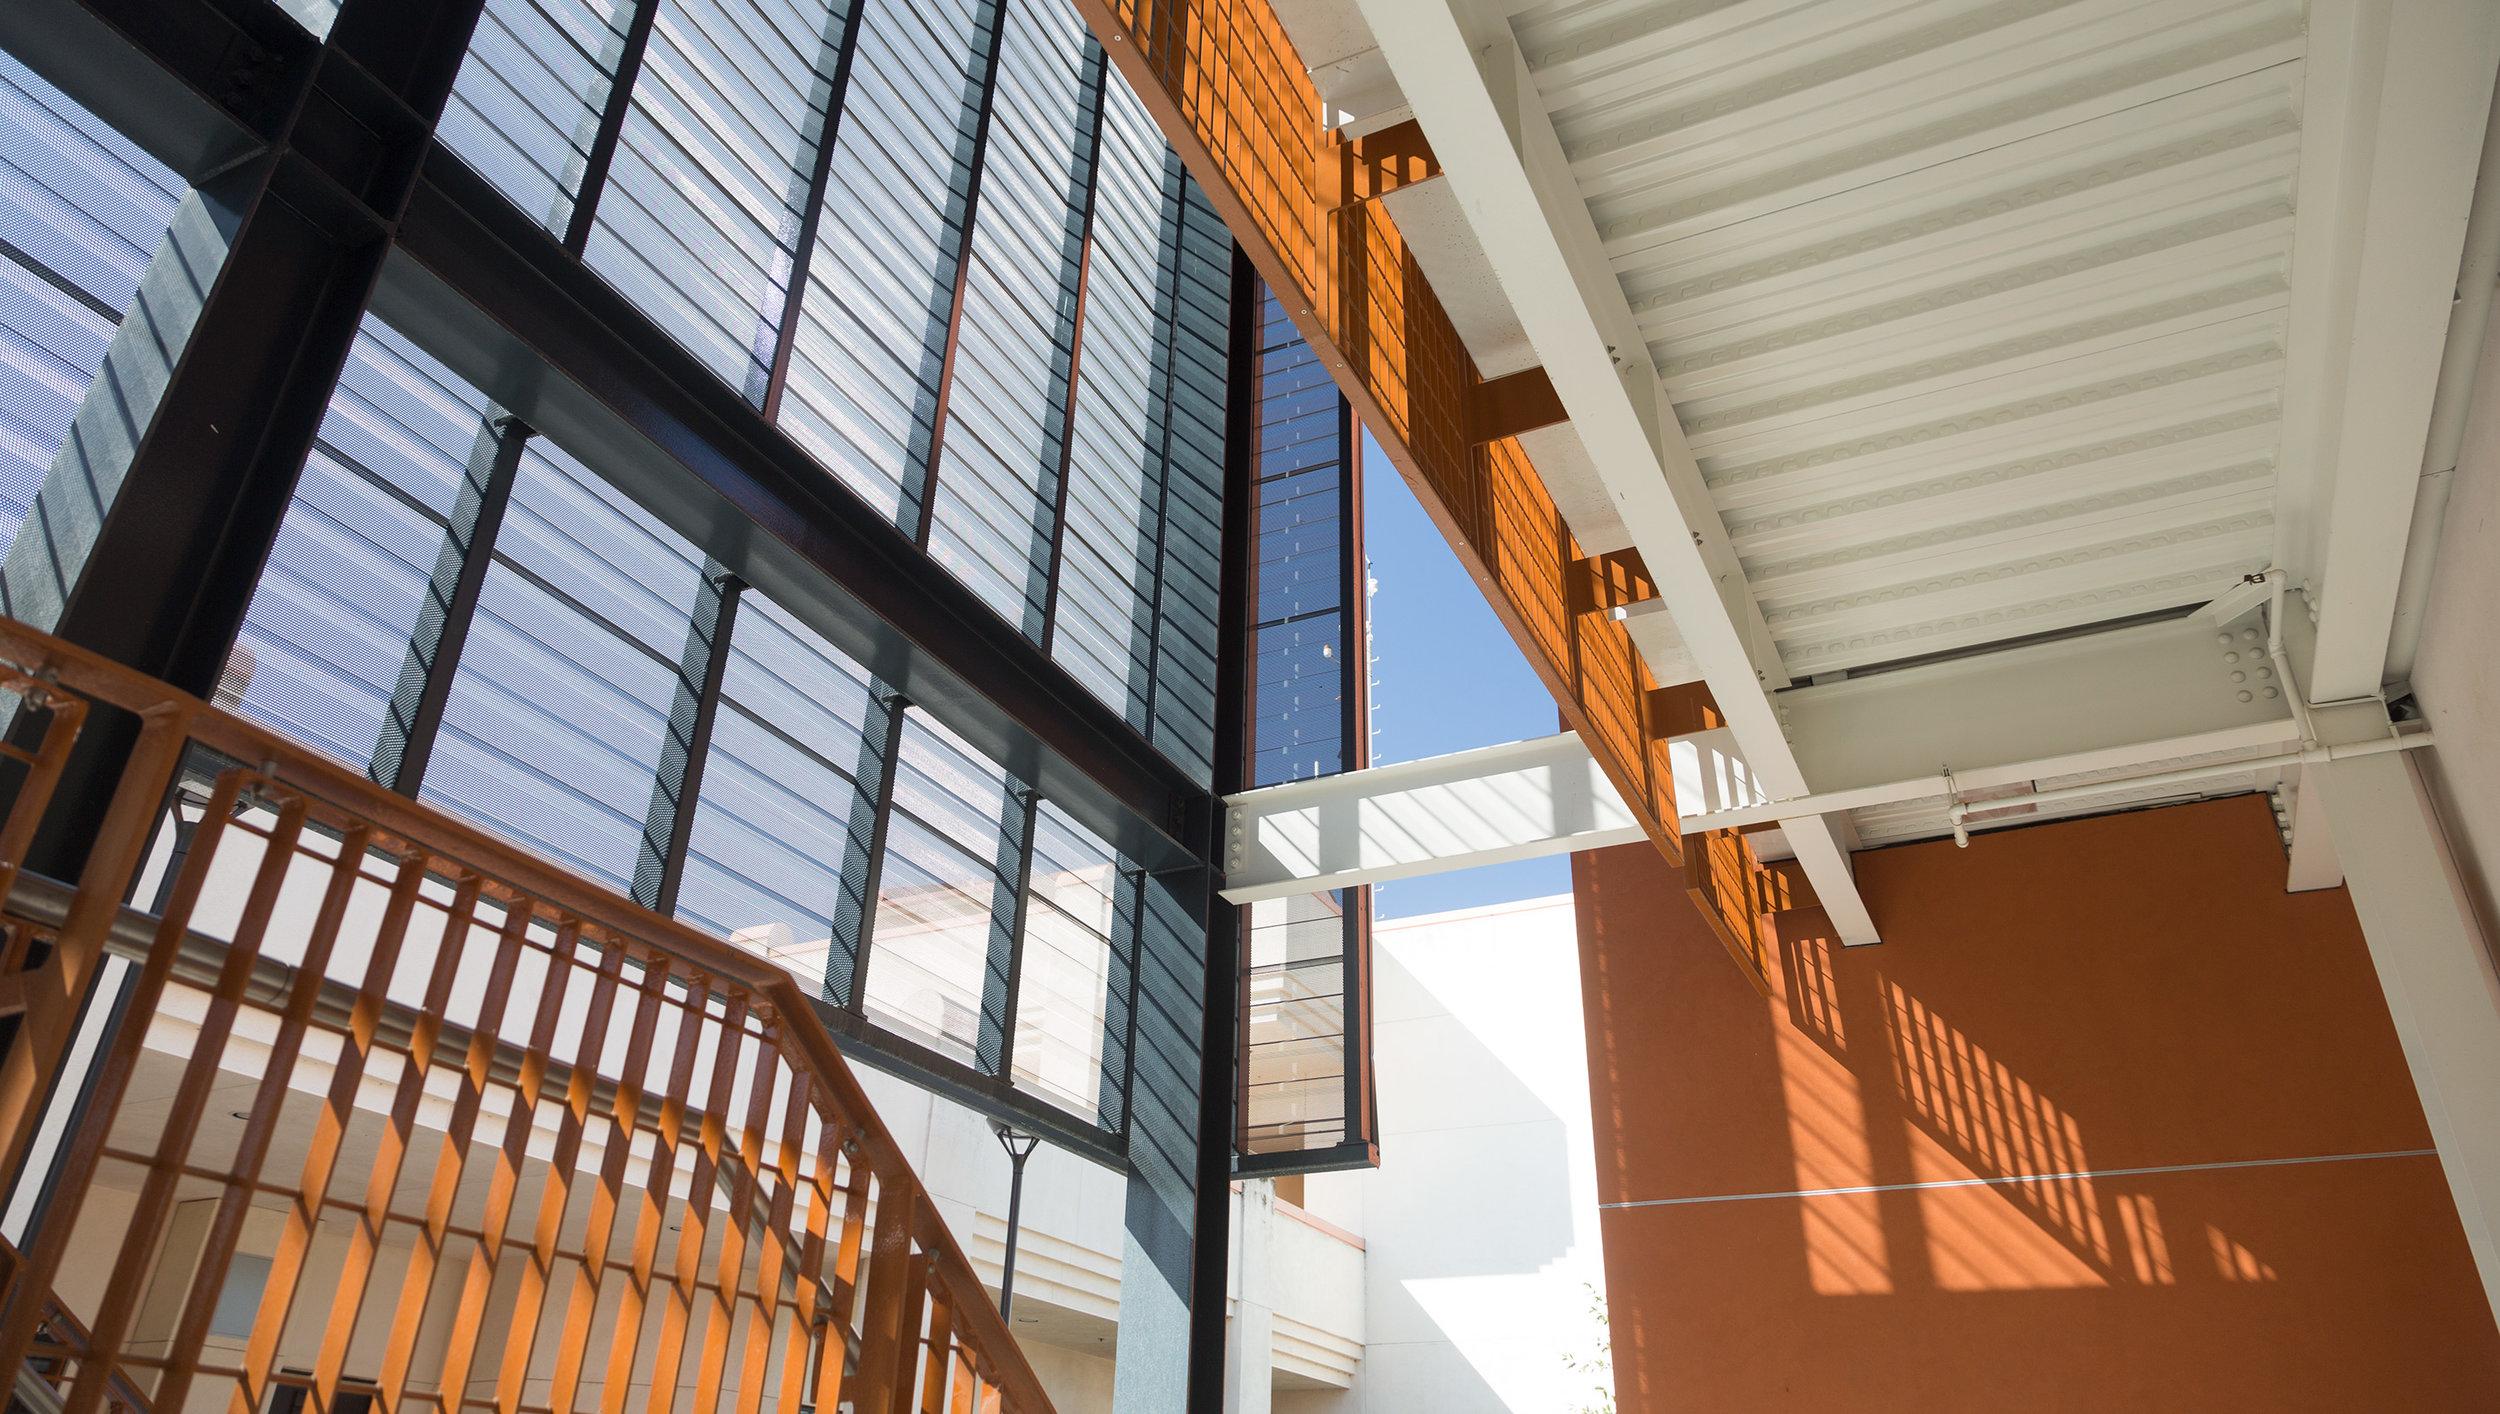 interior of building at Las Positas College